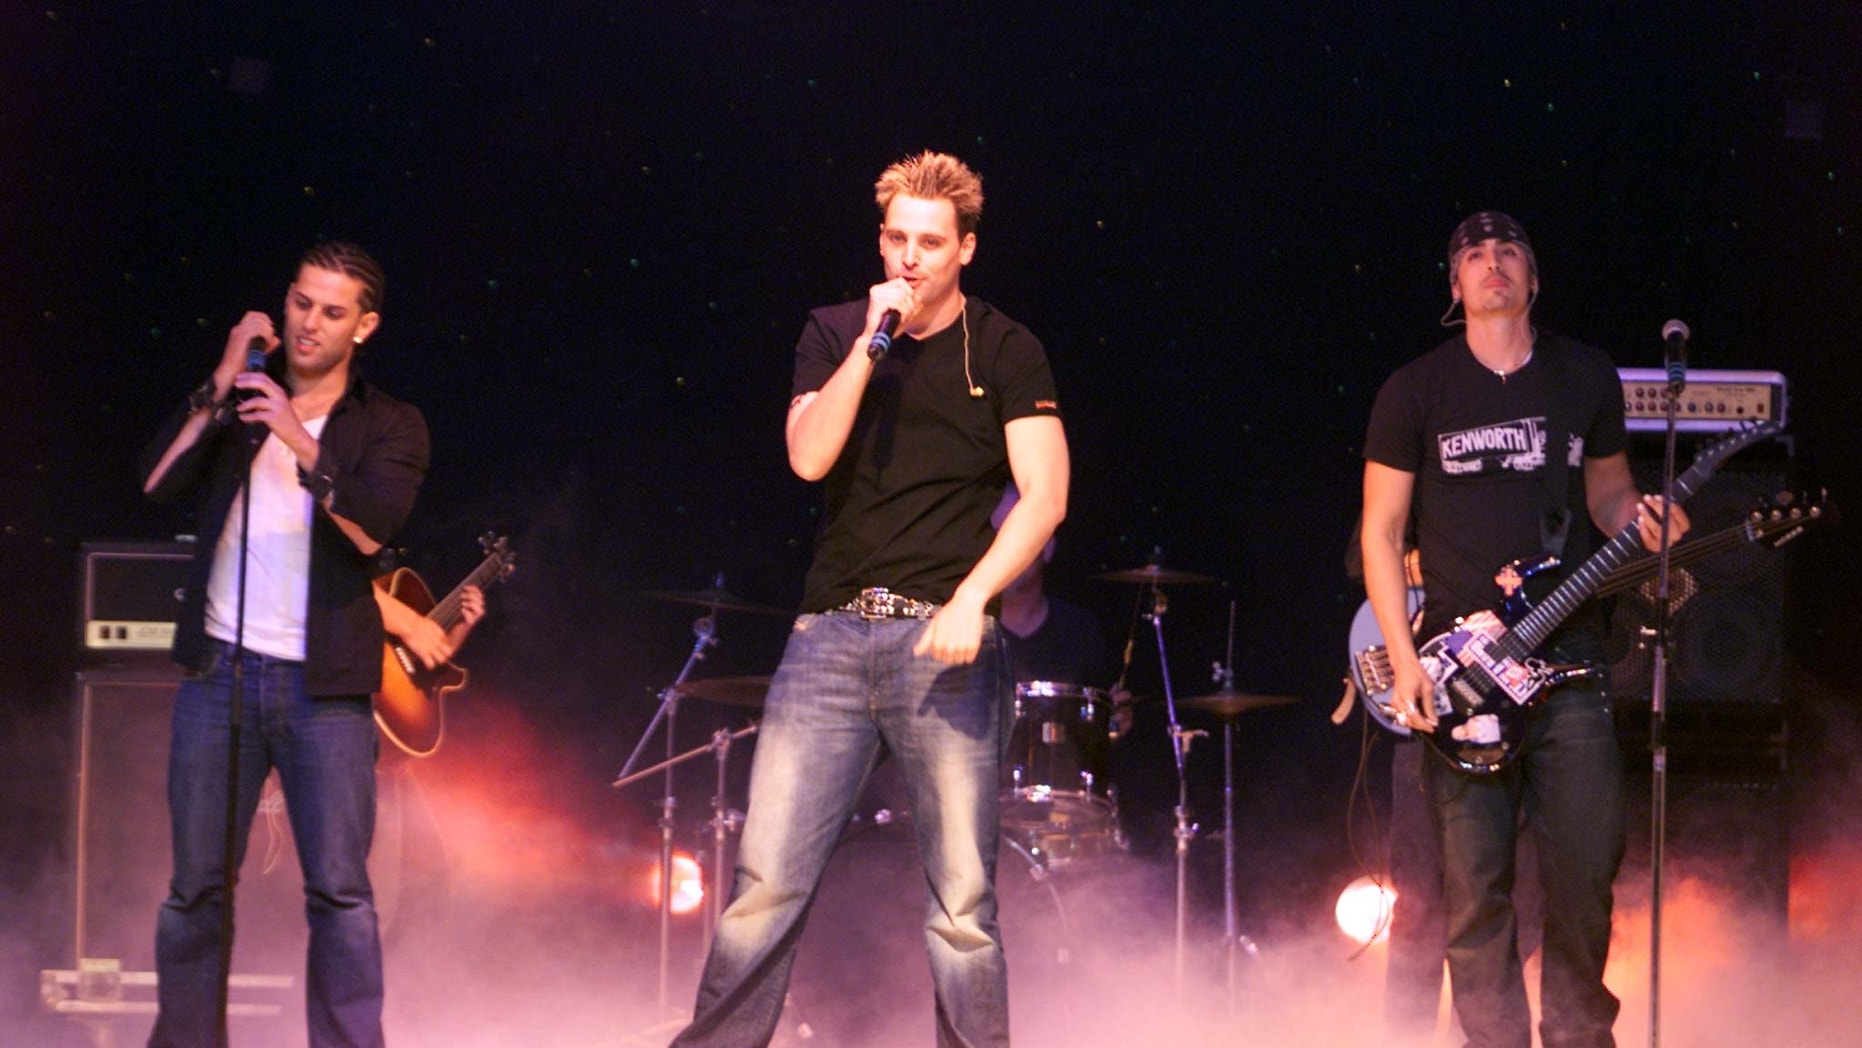 Brad Fischetti (right) and LFO perform in 2001.